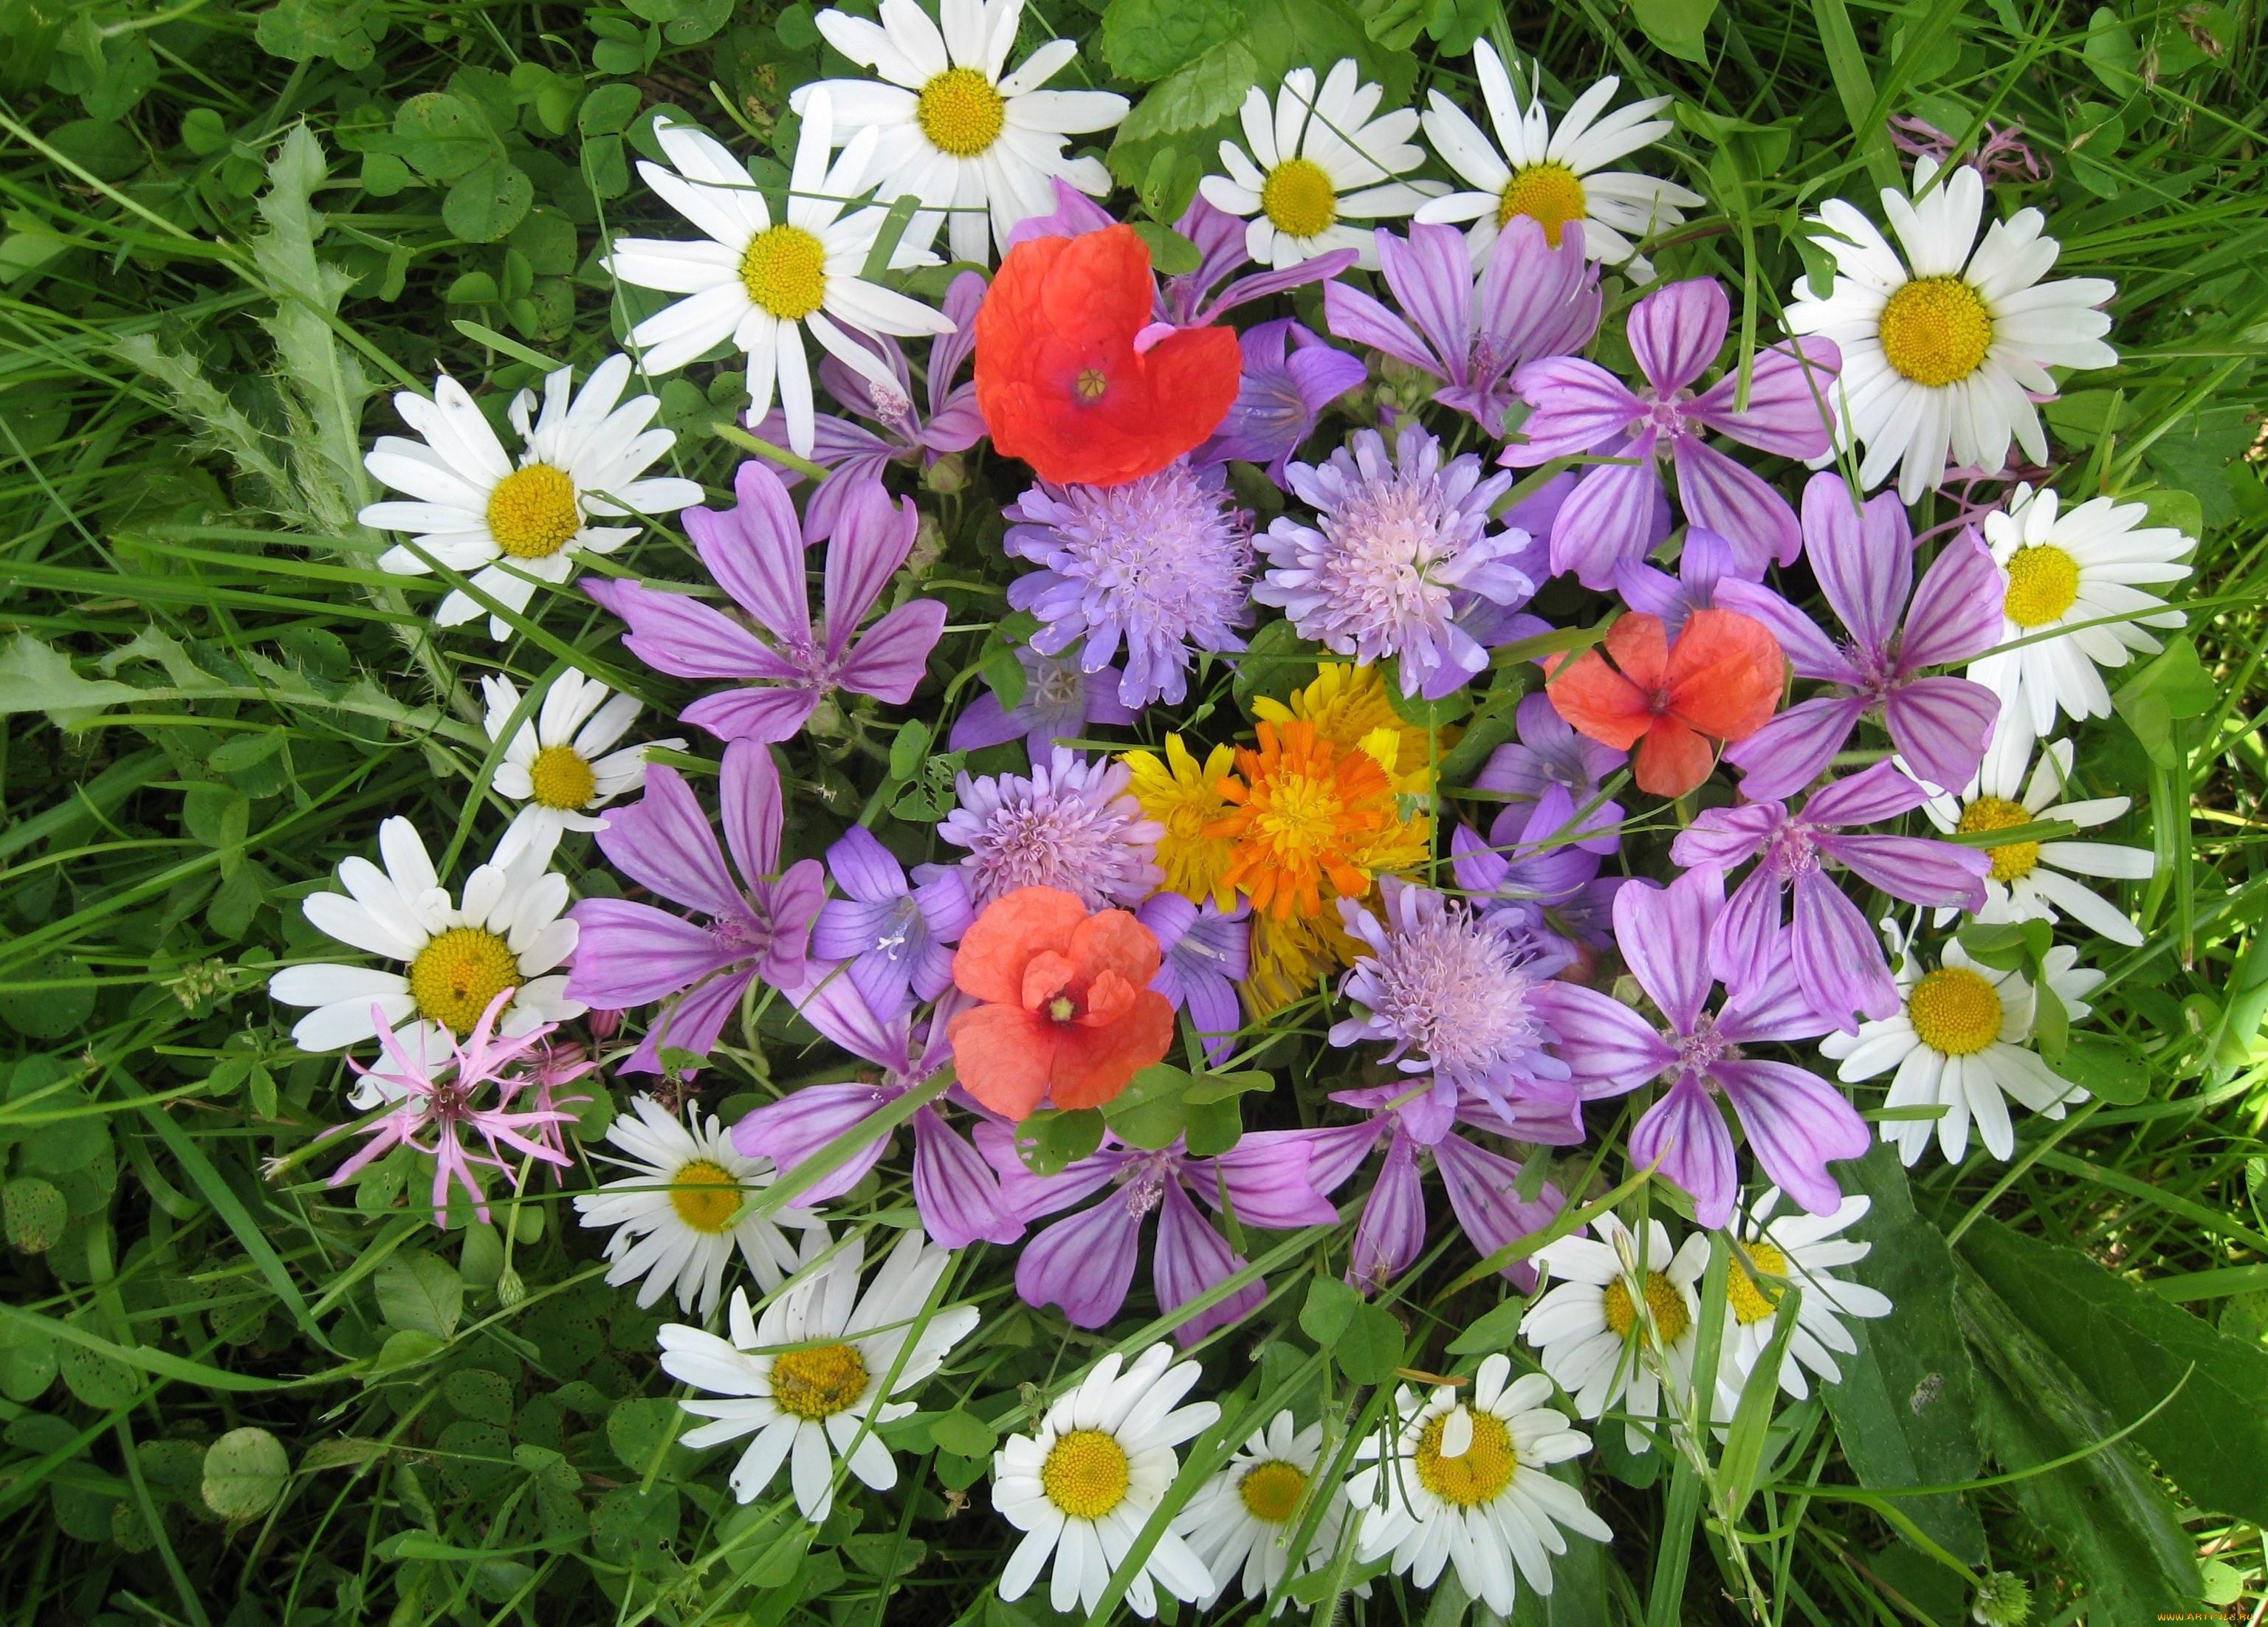 предъявления претензии полевые цветы большие картинки день, ваш